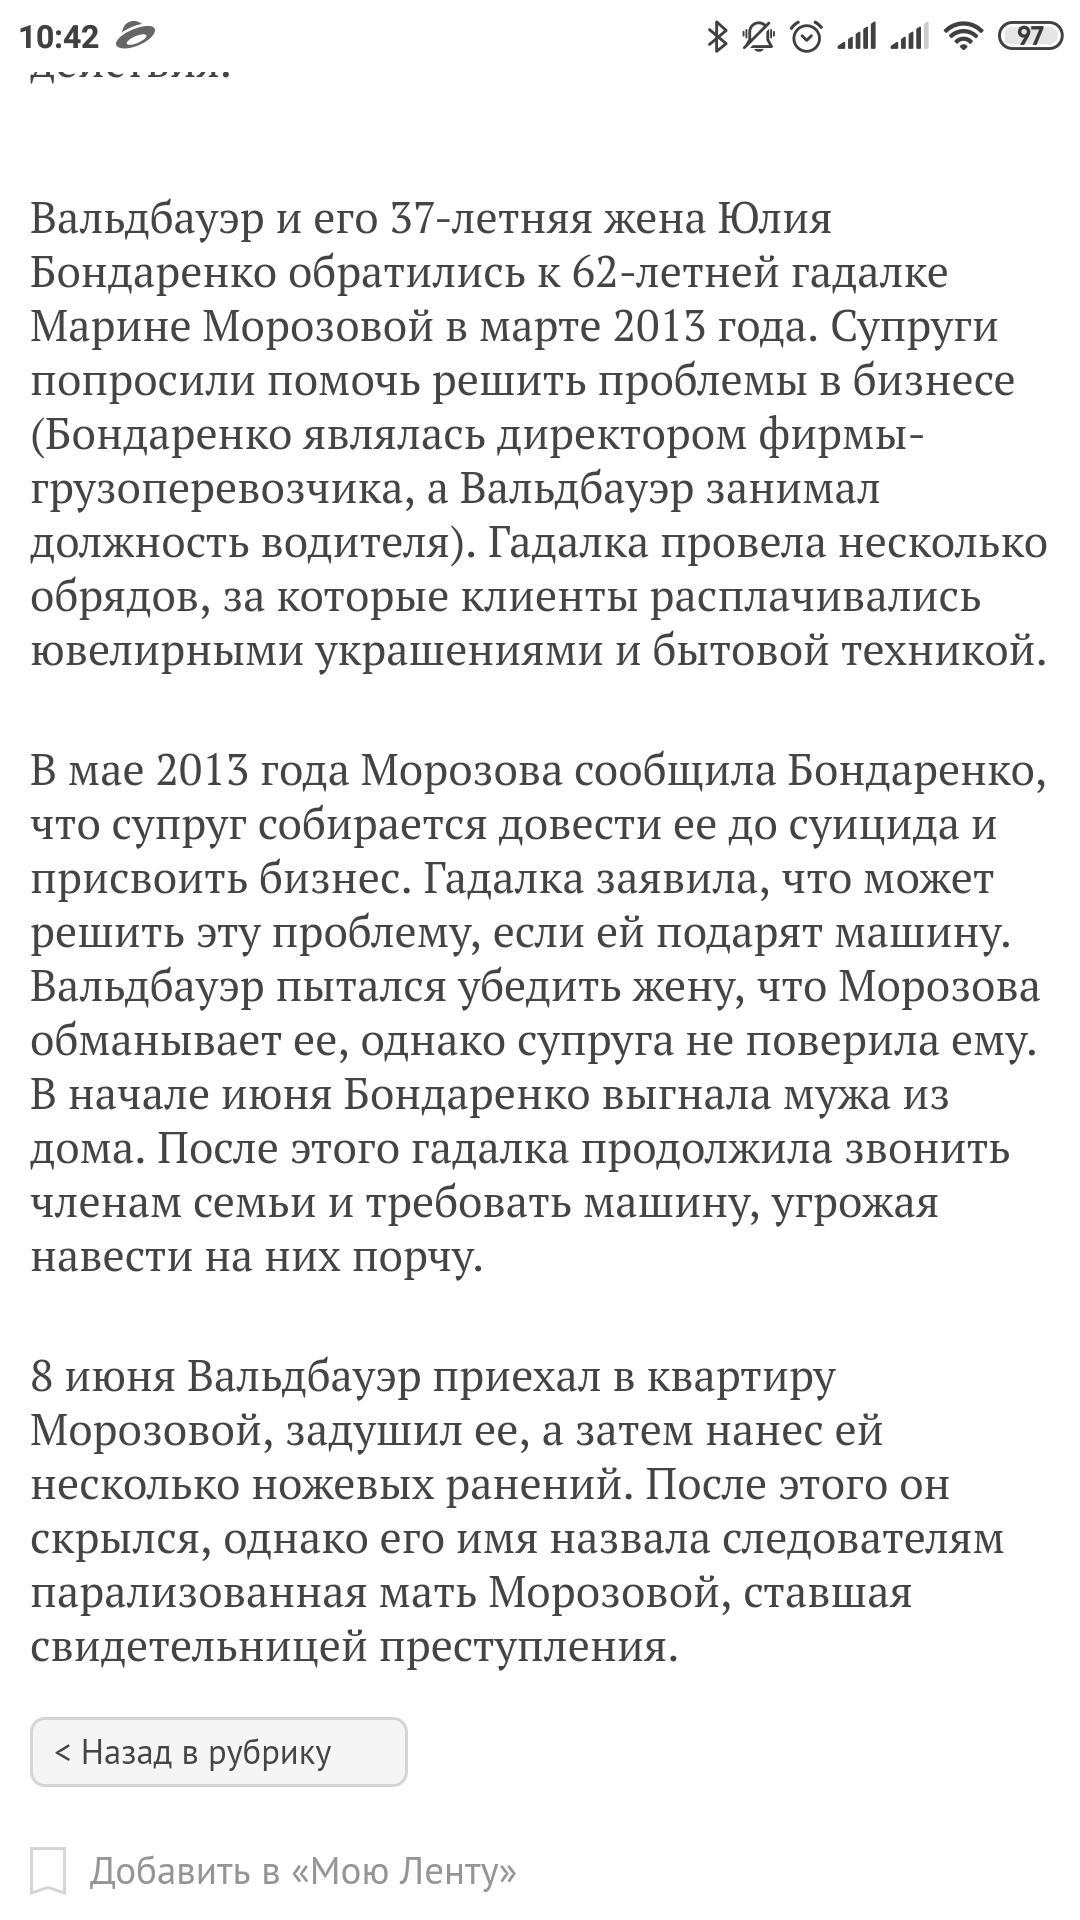 Vtb ru кредит наличными